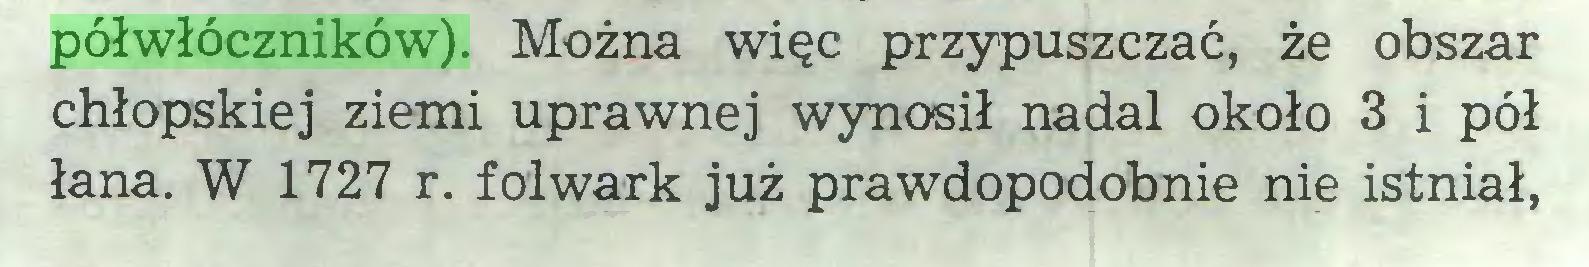 (...) półwłóczników). Można więc przypuszczać, że obszar chłopskiej ziemi uprawnej wynosił nadal około 3 i pół łana. W 1727 r. folwark już prawdopodobnie nie istniał,...